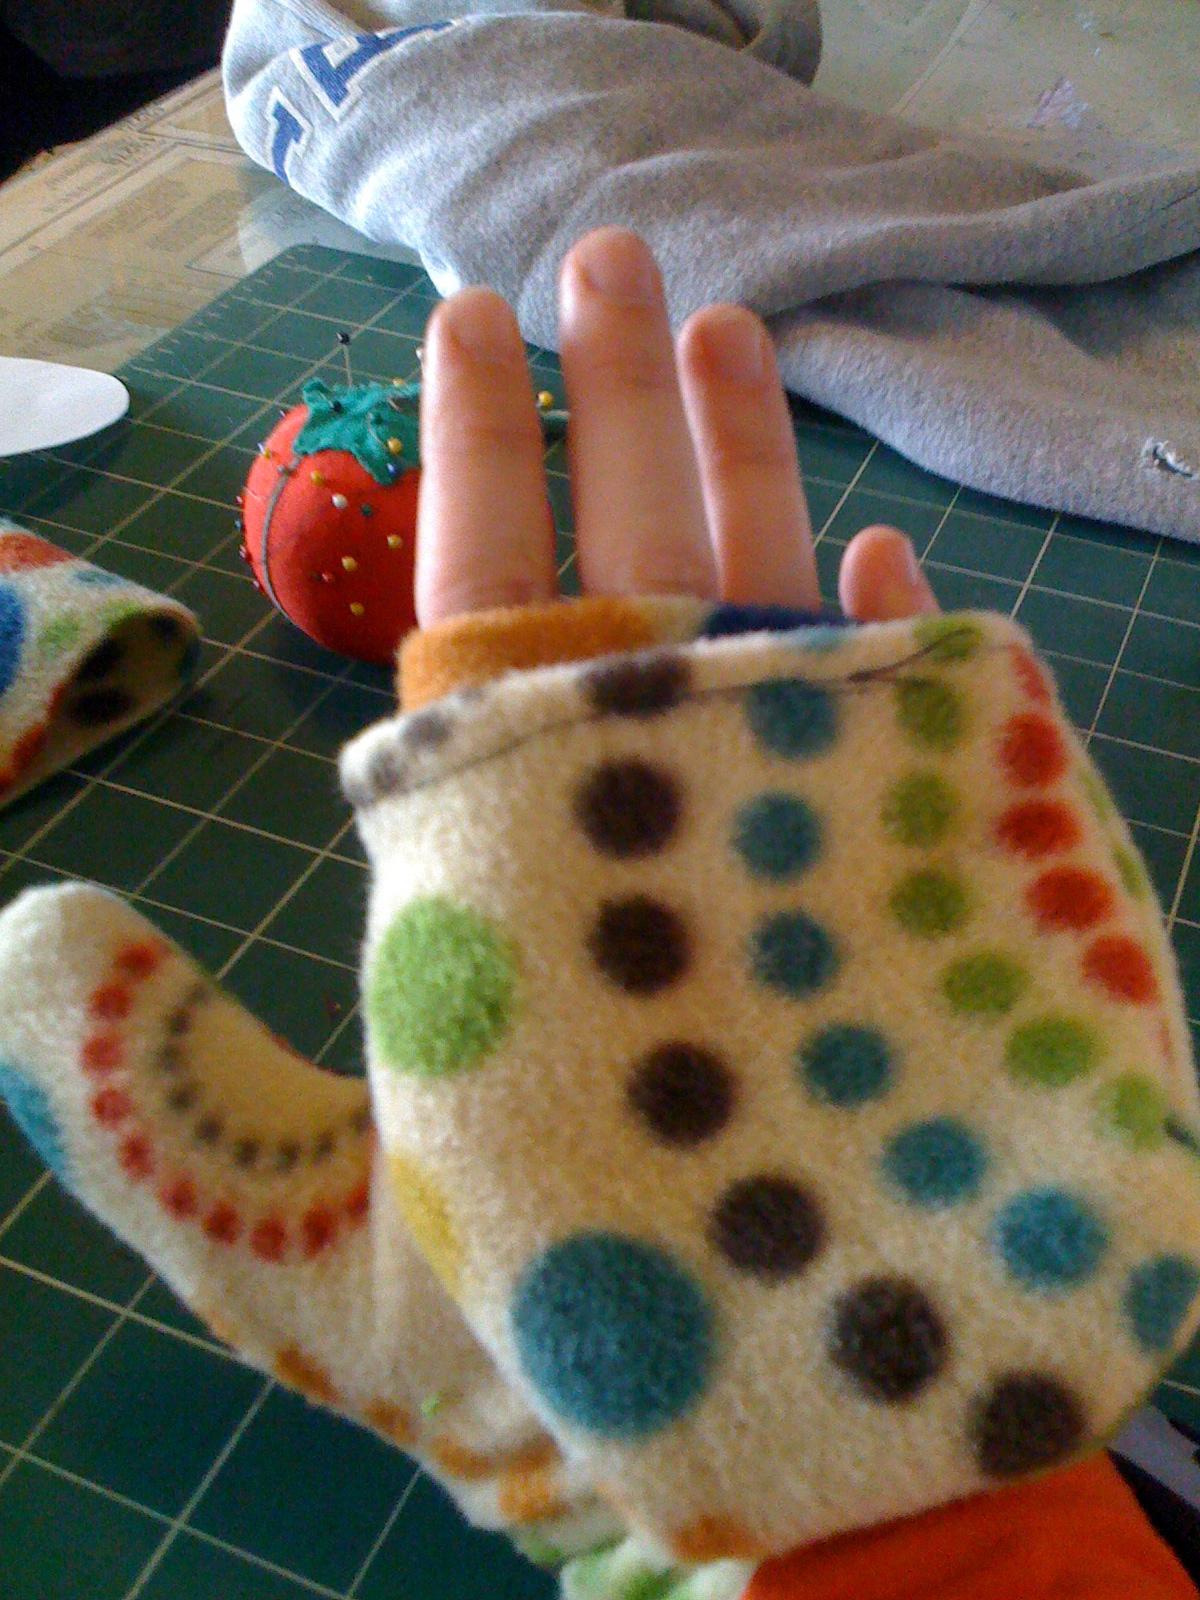 It's a glove, it's a mitten, IT'S A GLITTEN!